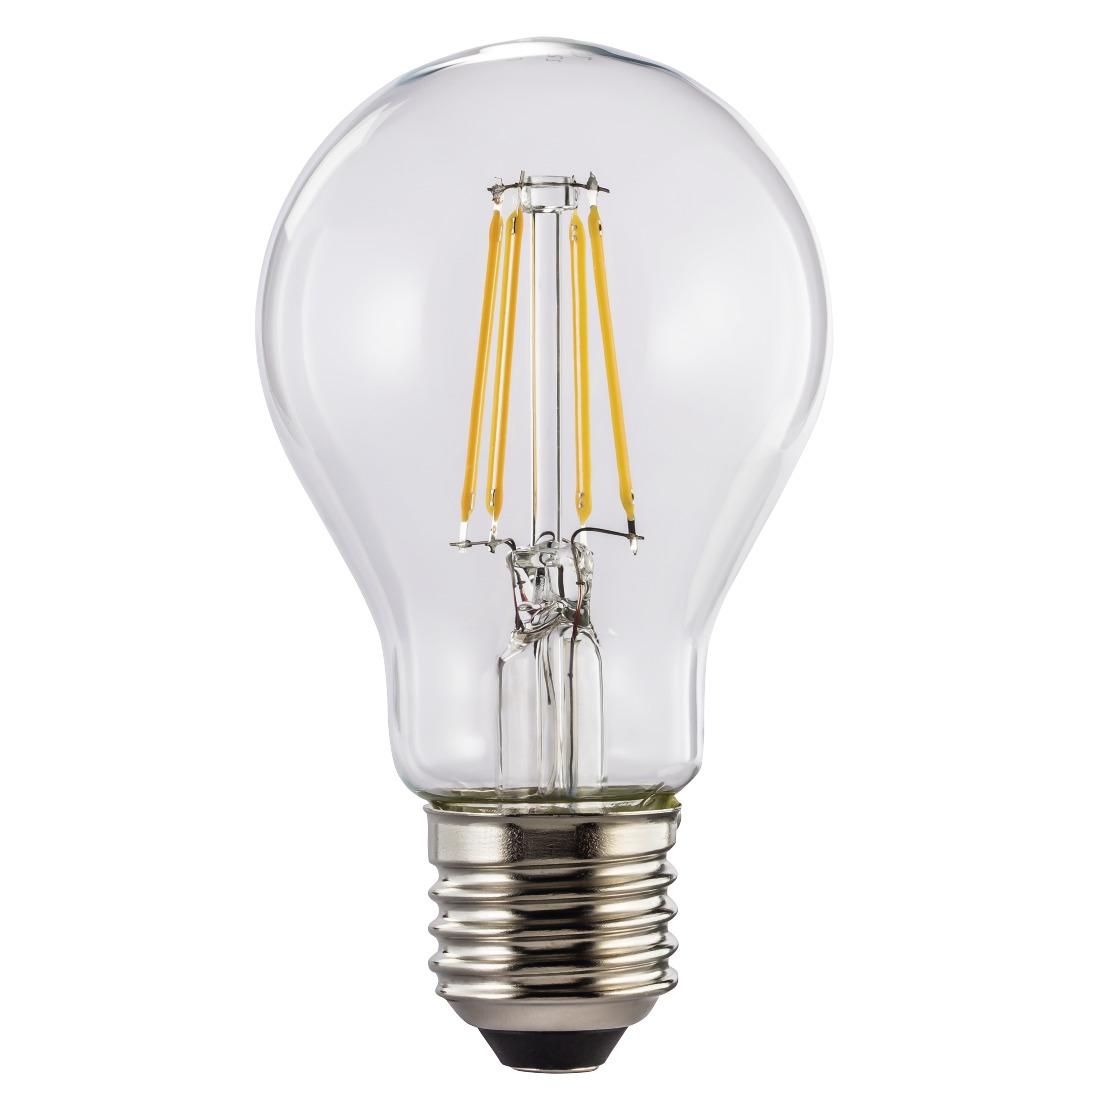 Hama Wifi-ledlamp-gloeidraad, E27, 8W, warm , dimbaar Smartverlichting